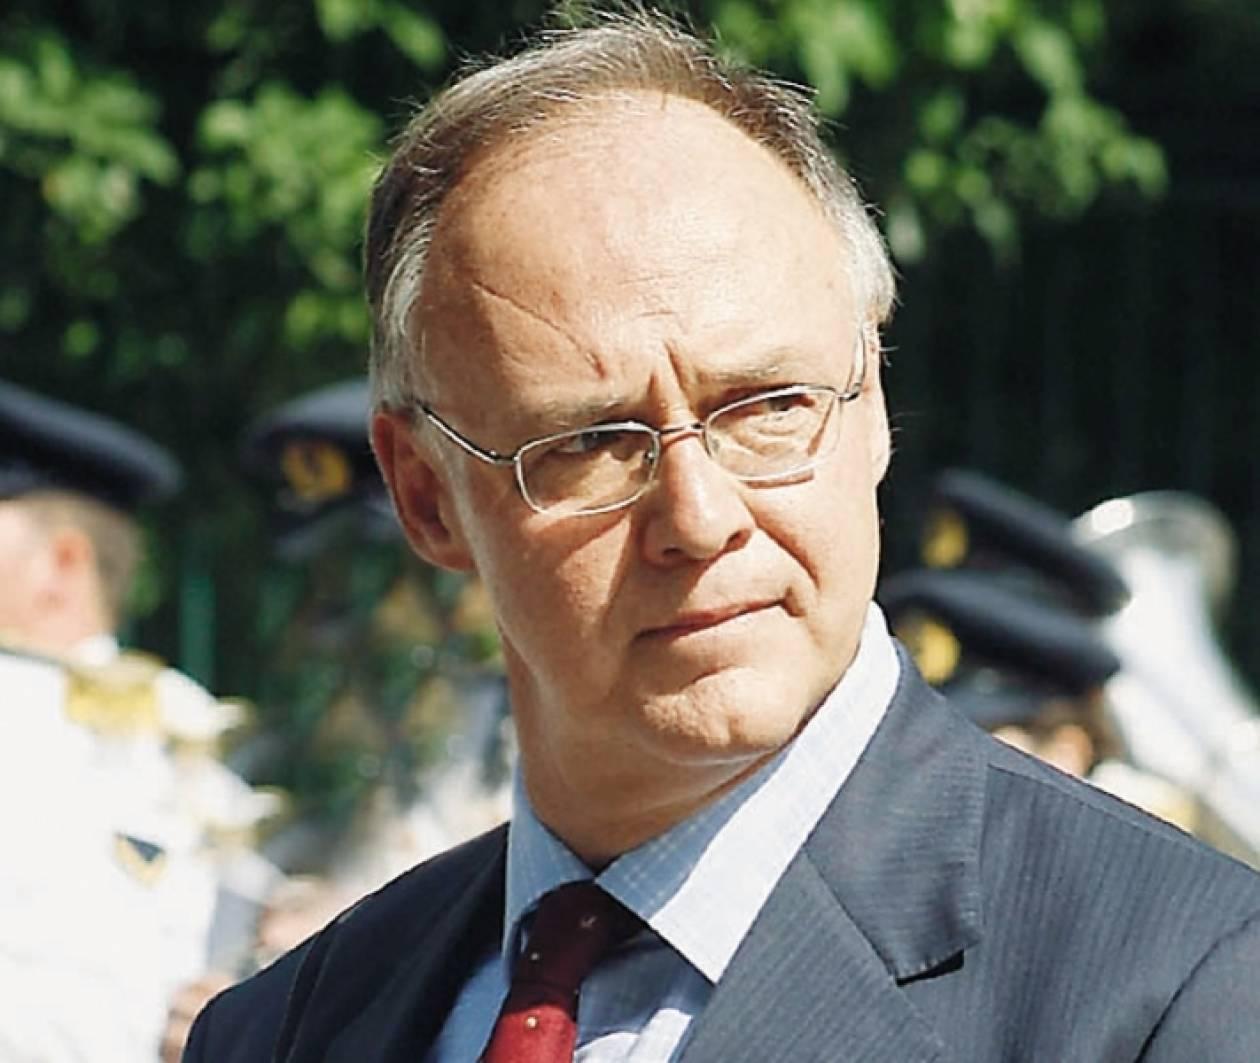 Δούκας: Ανάγκη για κυβερνητική σταθερότητα